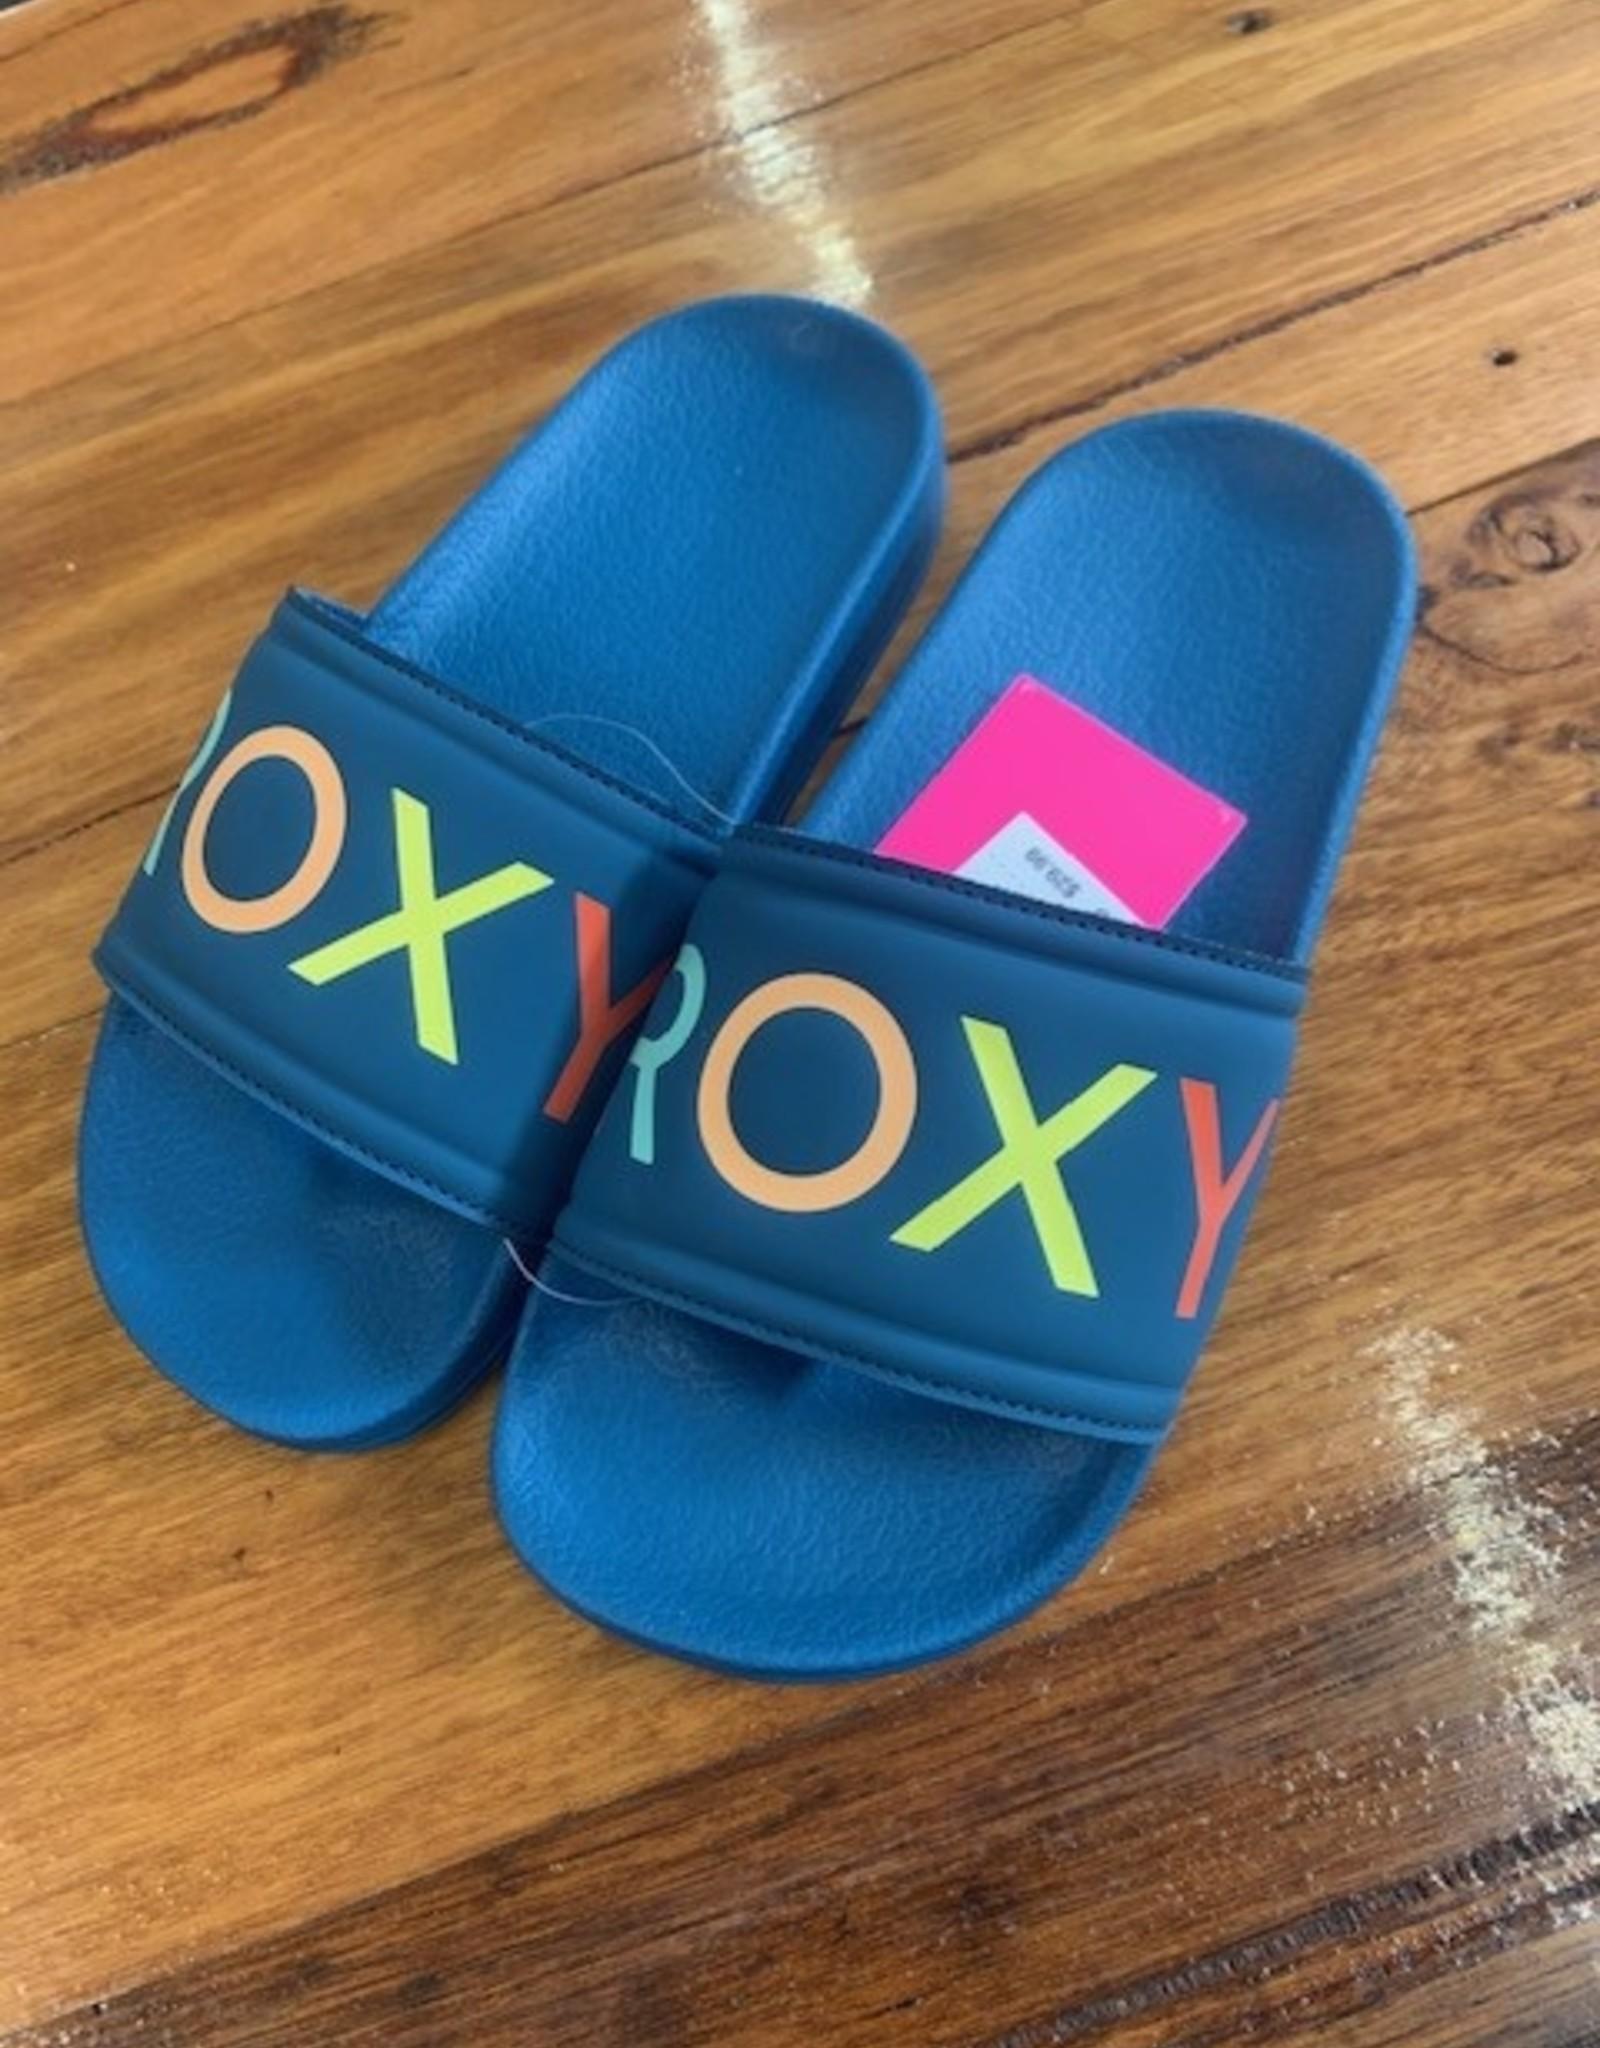 ROXY Girls Slippy Sliders - Size 3